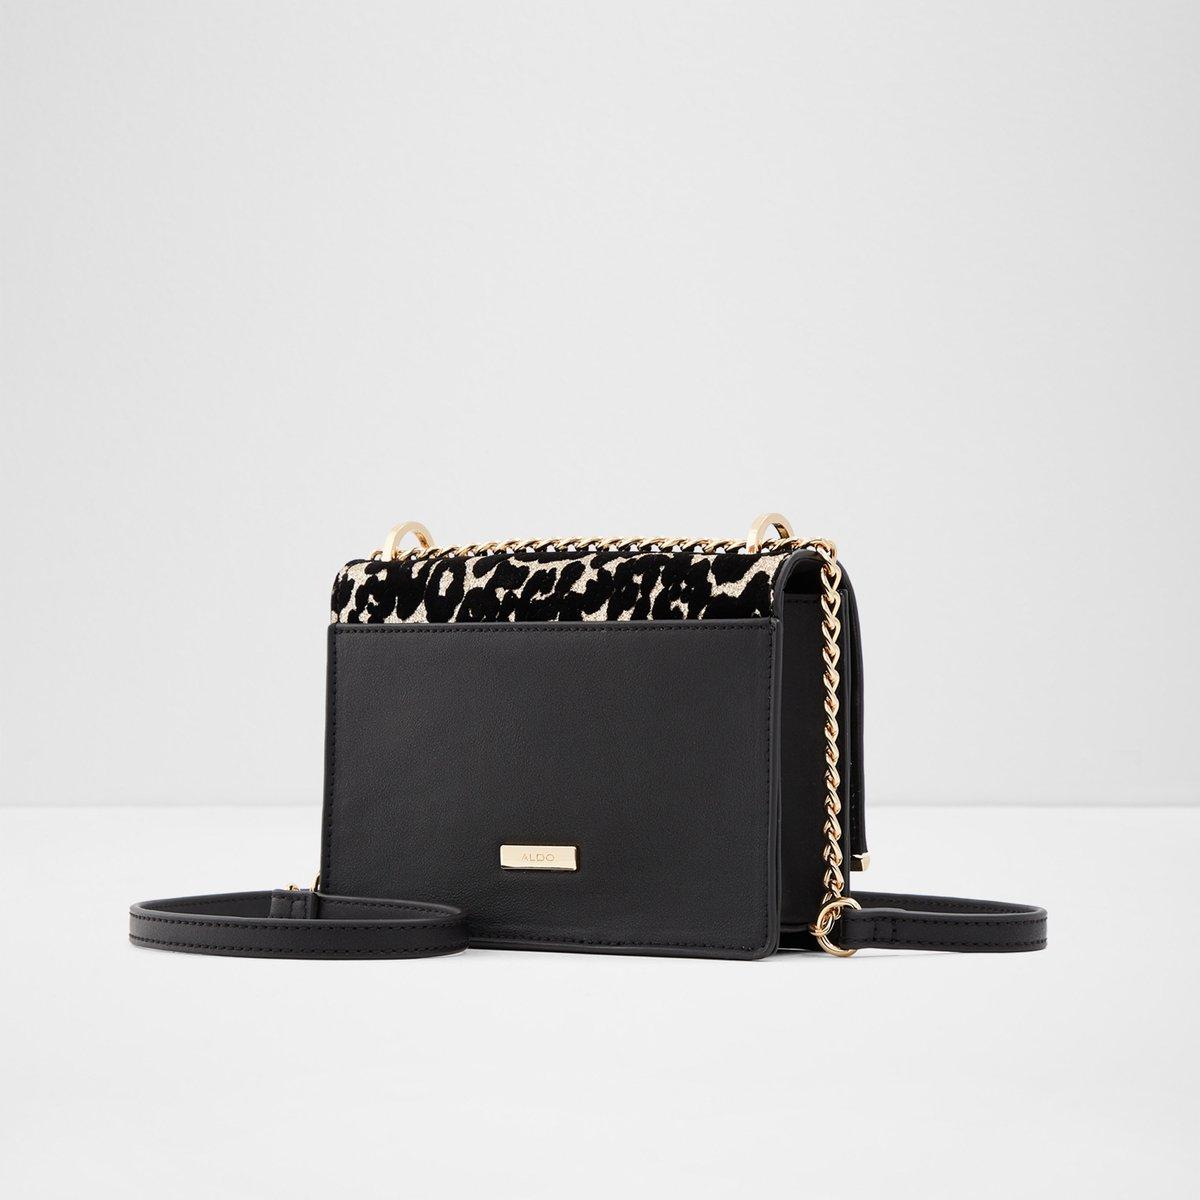 Pelloquin Gold Women S Crossbody Bags